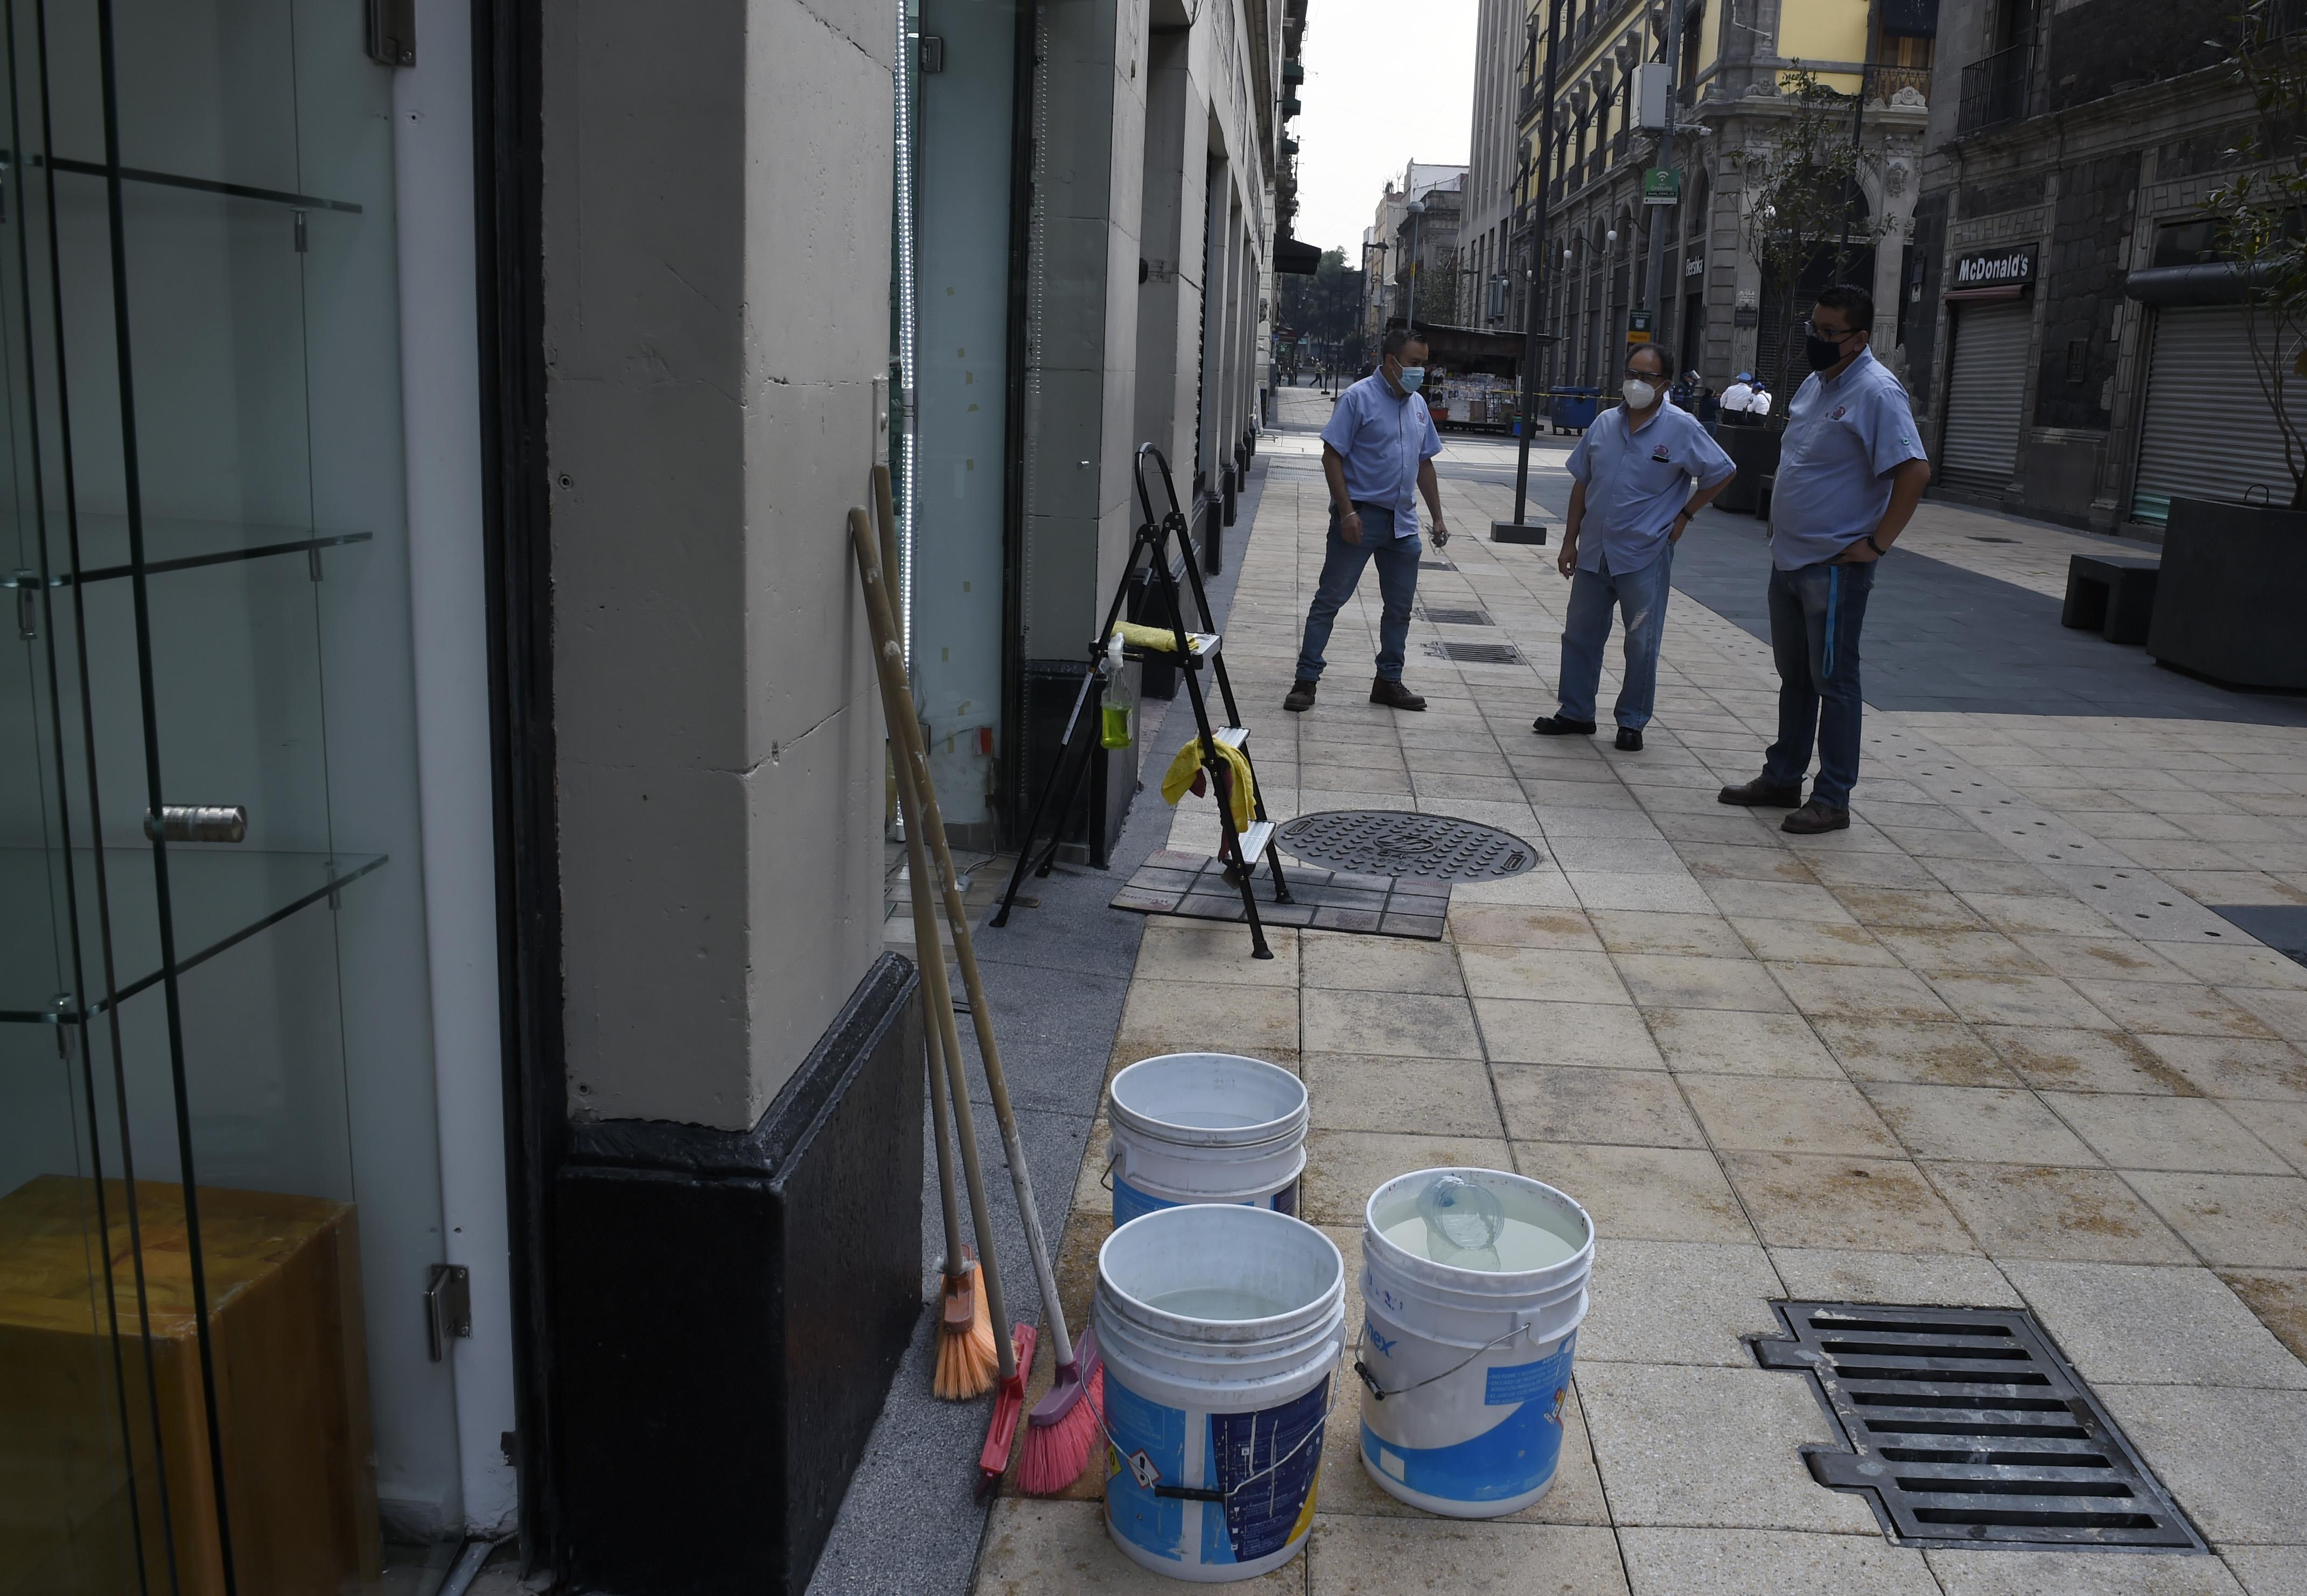 Los empleados limpian la óptica antes de volver a abrir en la Ciudad de México el 29 de junio de 2020 durante la pandemia COVID-19. (Foto: ALFREDO ESTRELLA / AFP)